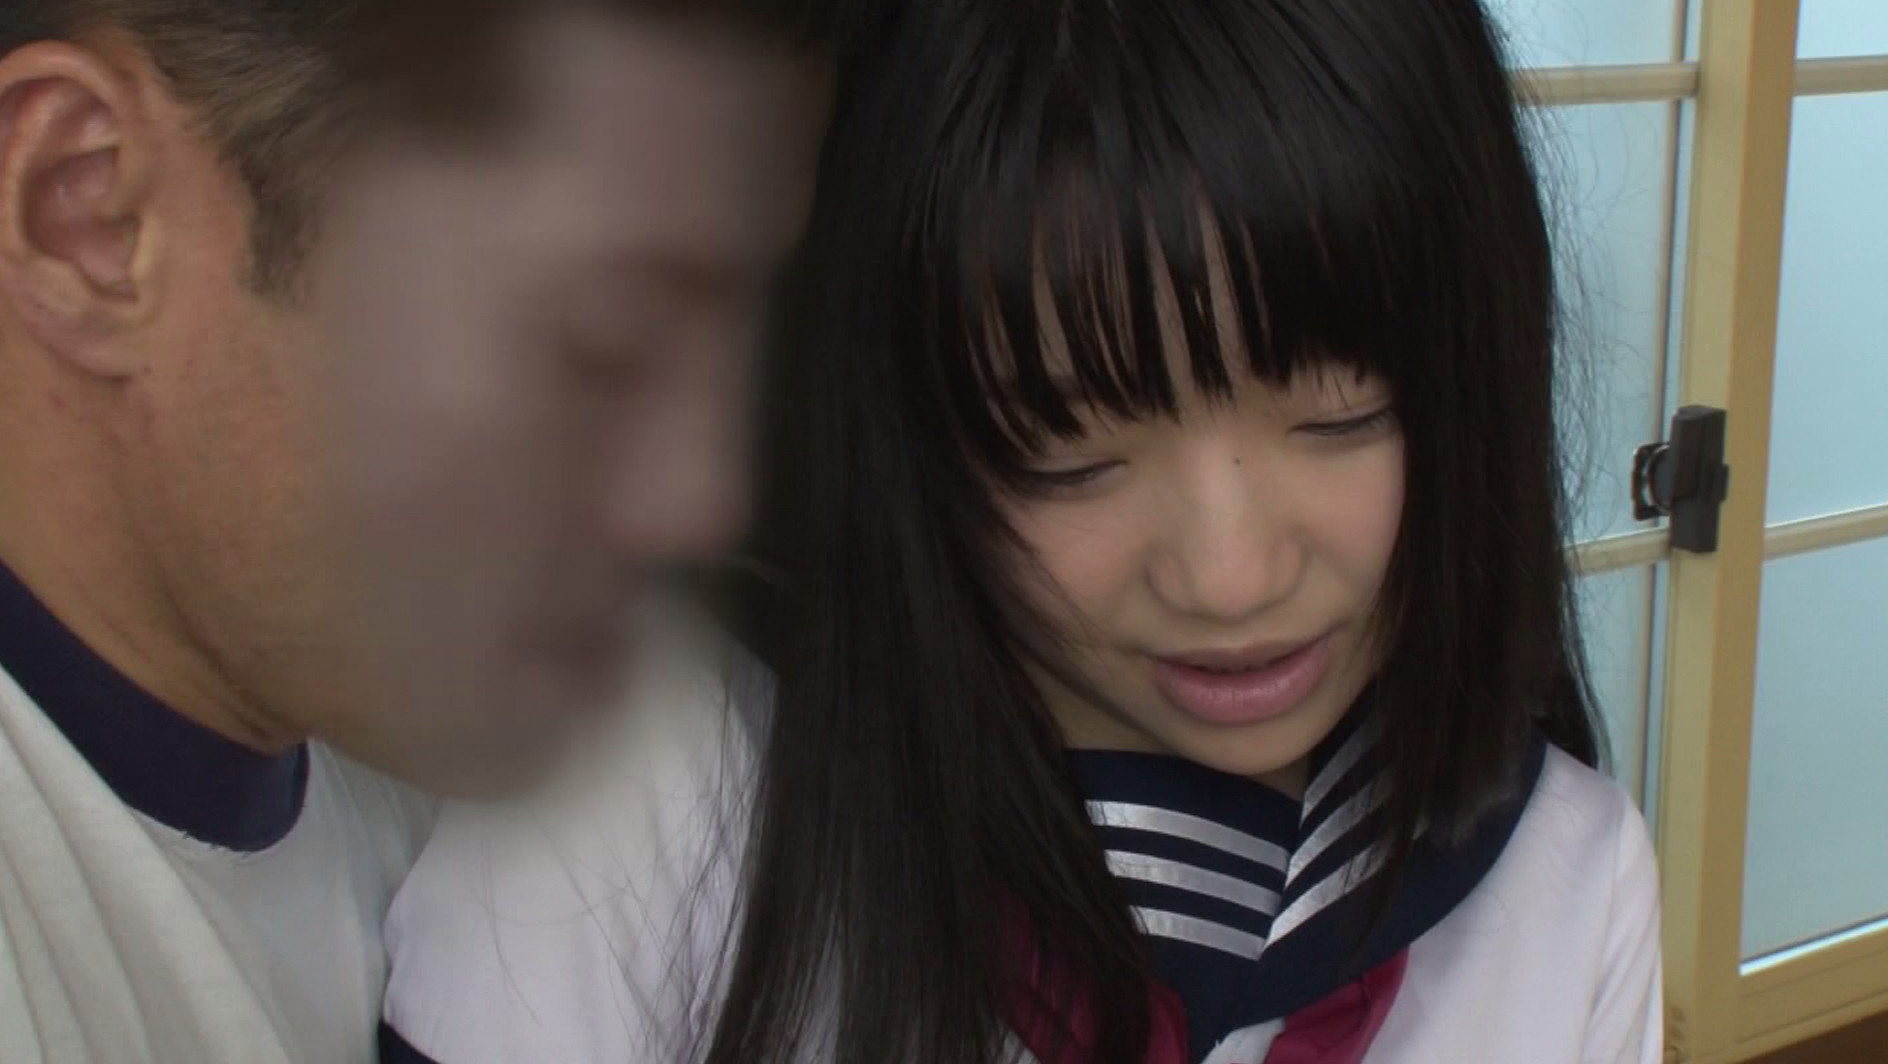 偶然見えたカワイイ女子校生の純白パンチラ 視線に気づき頬を真っ赤にするも、実はHに興味津々。挙句に告白までされて、そのまま中出ししちゃいました!5